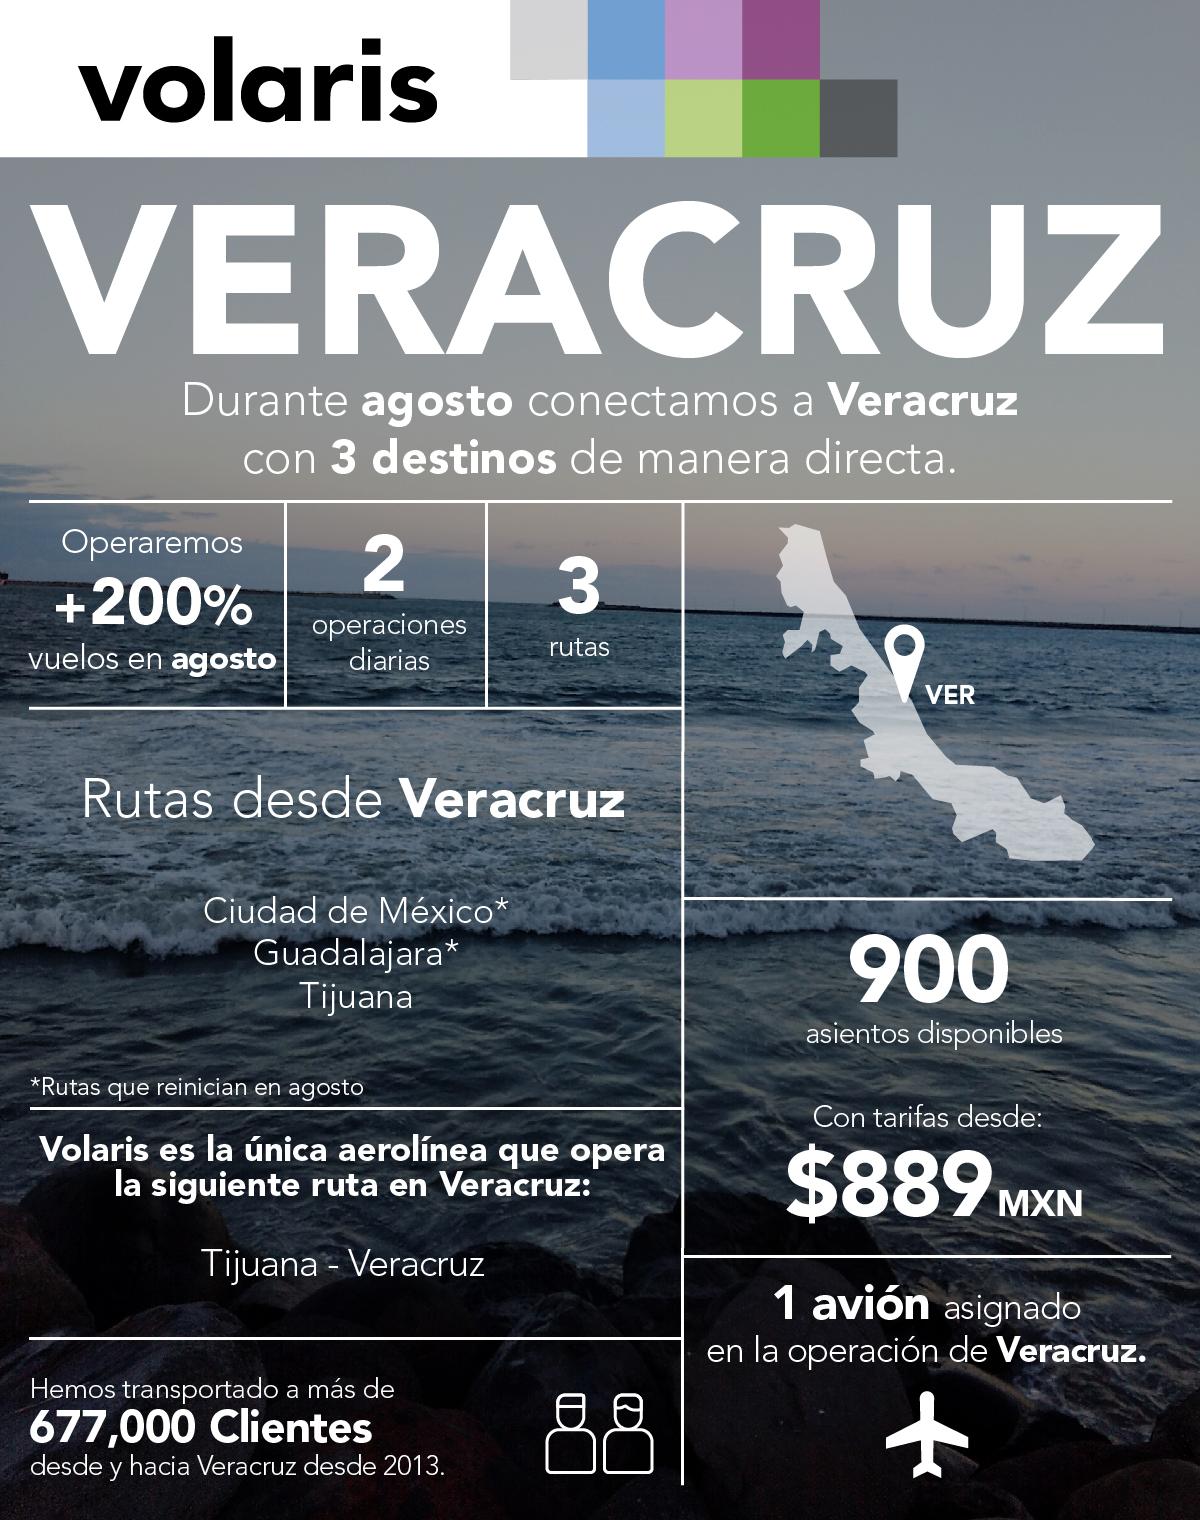 VOLARIS AUMENTARÁ OPERACIÓN VERACRUZ 02